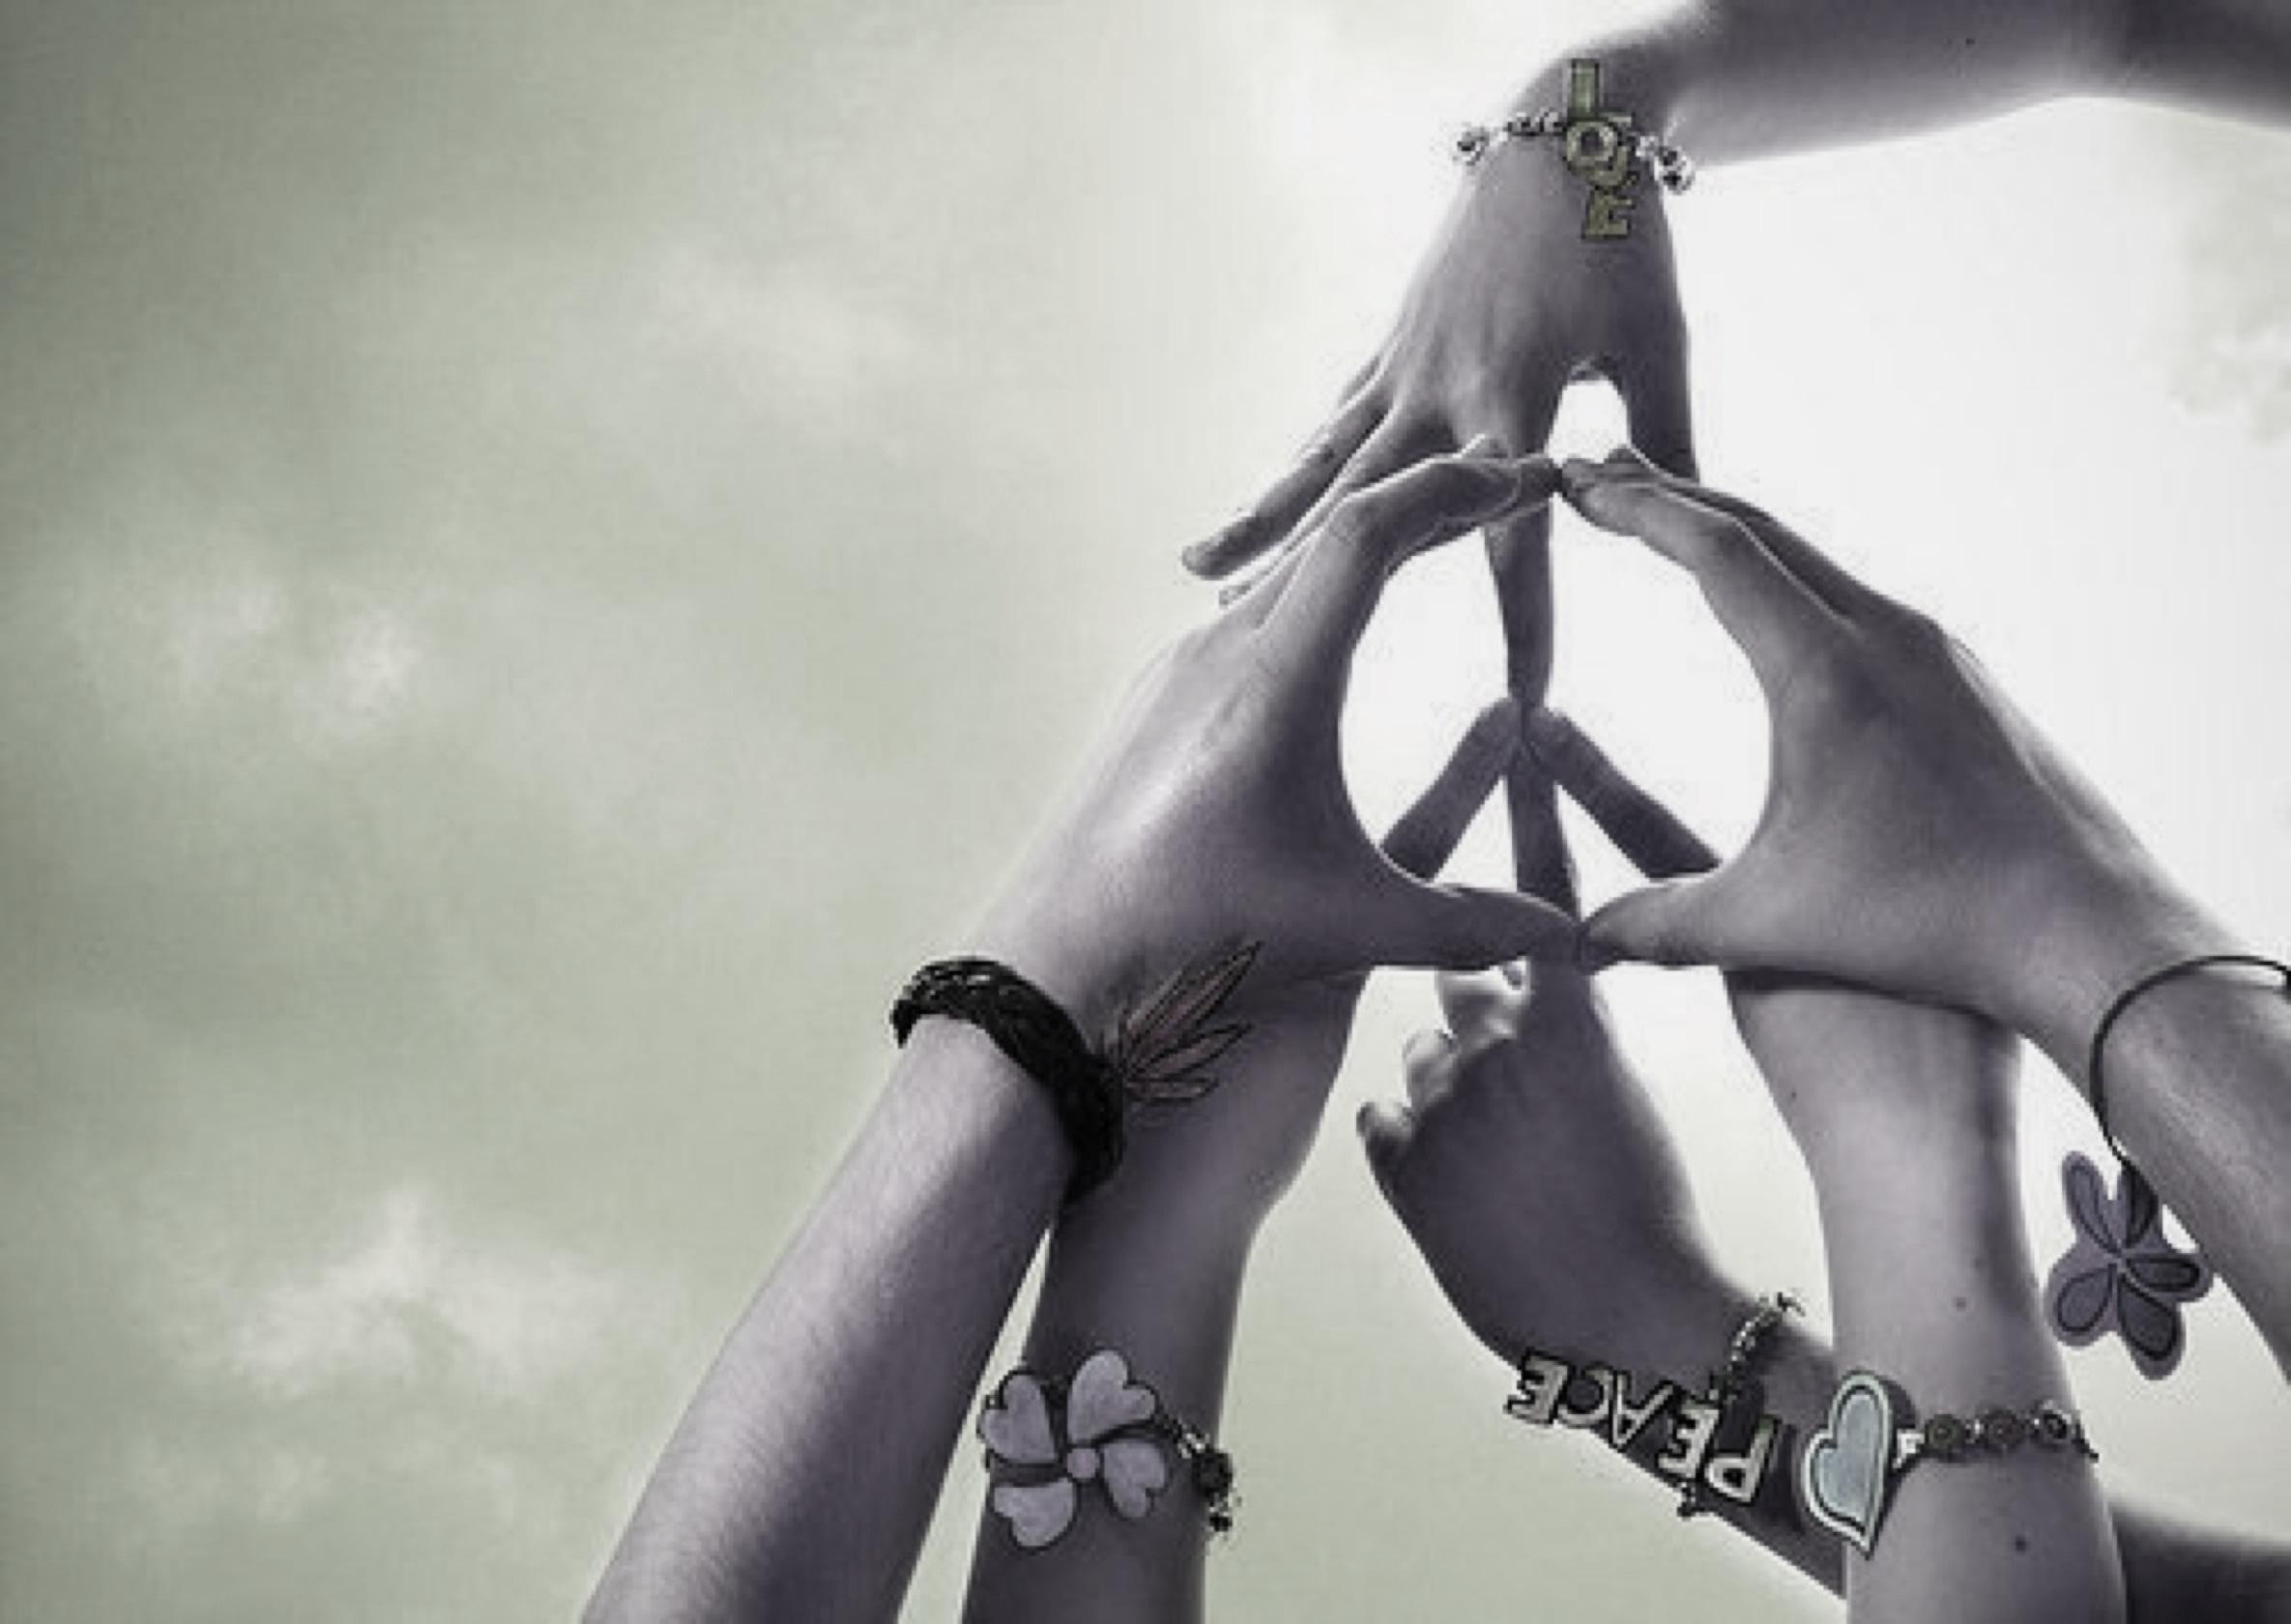 Kendisiyle Barışık Olmaktan Toplumsal Barışa